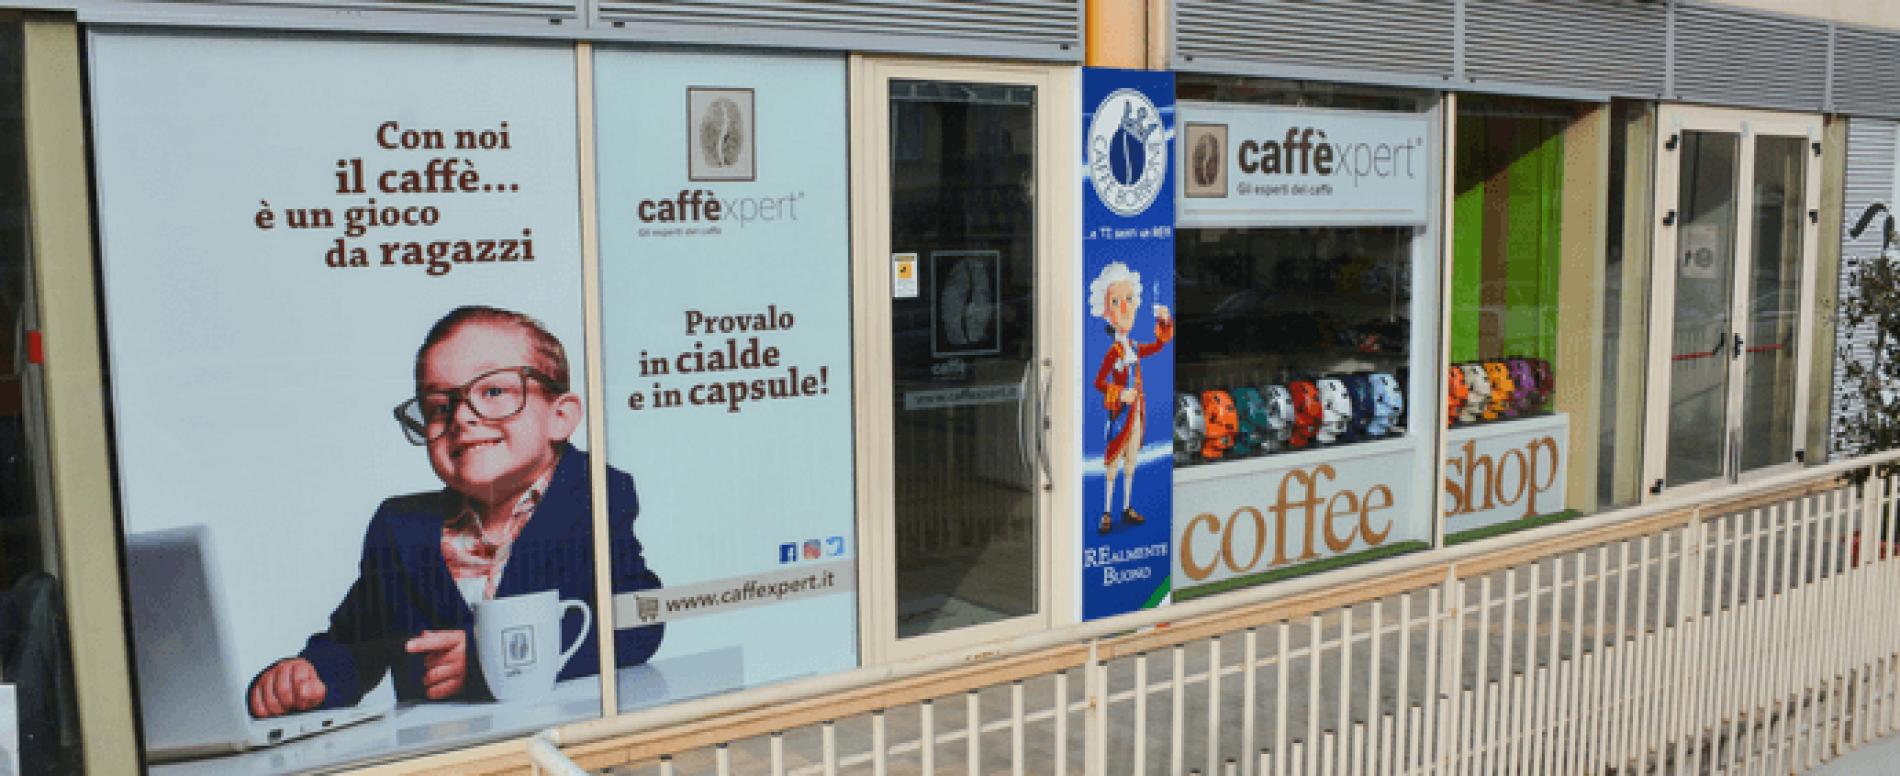 Caffèxpert: il nuovo franchising che nasce dalla passione per il caffè